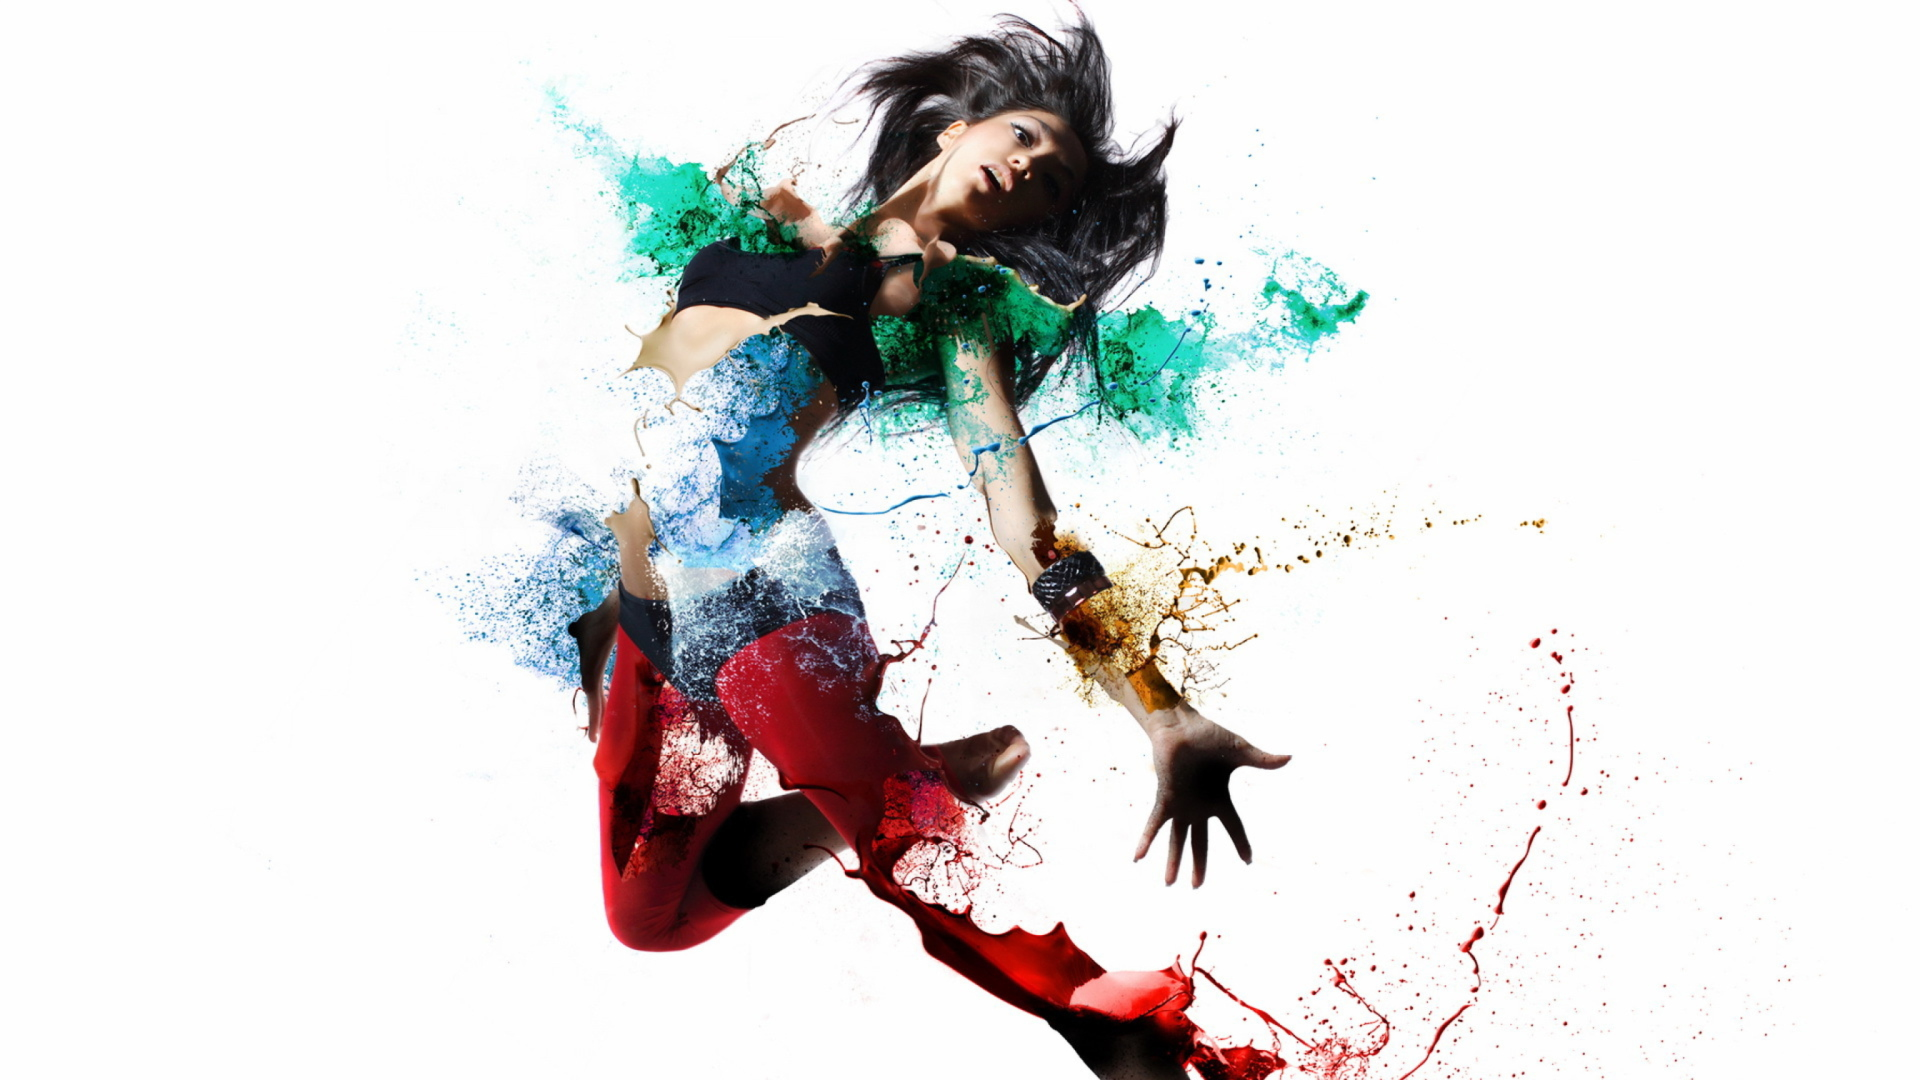 Девушка рисует графити без смс